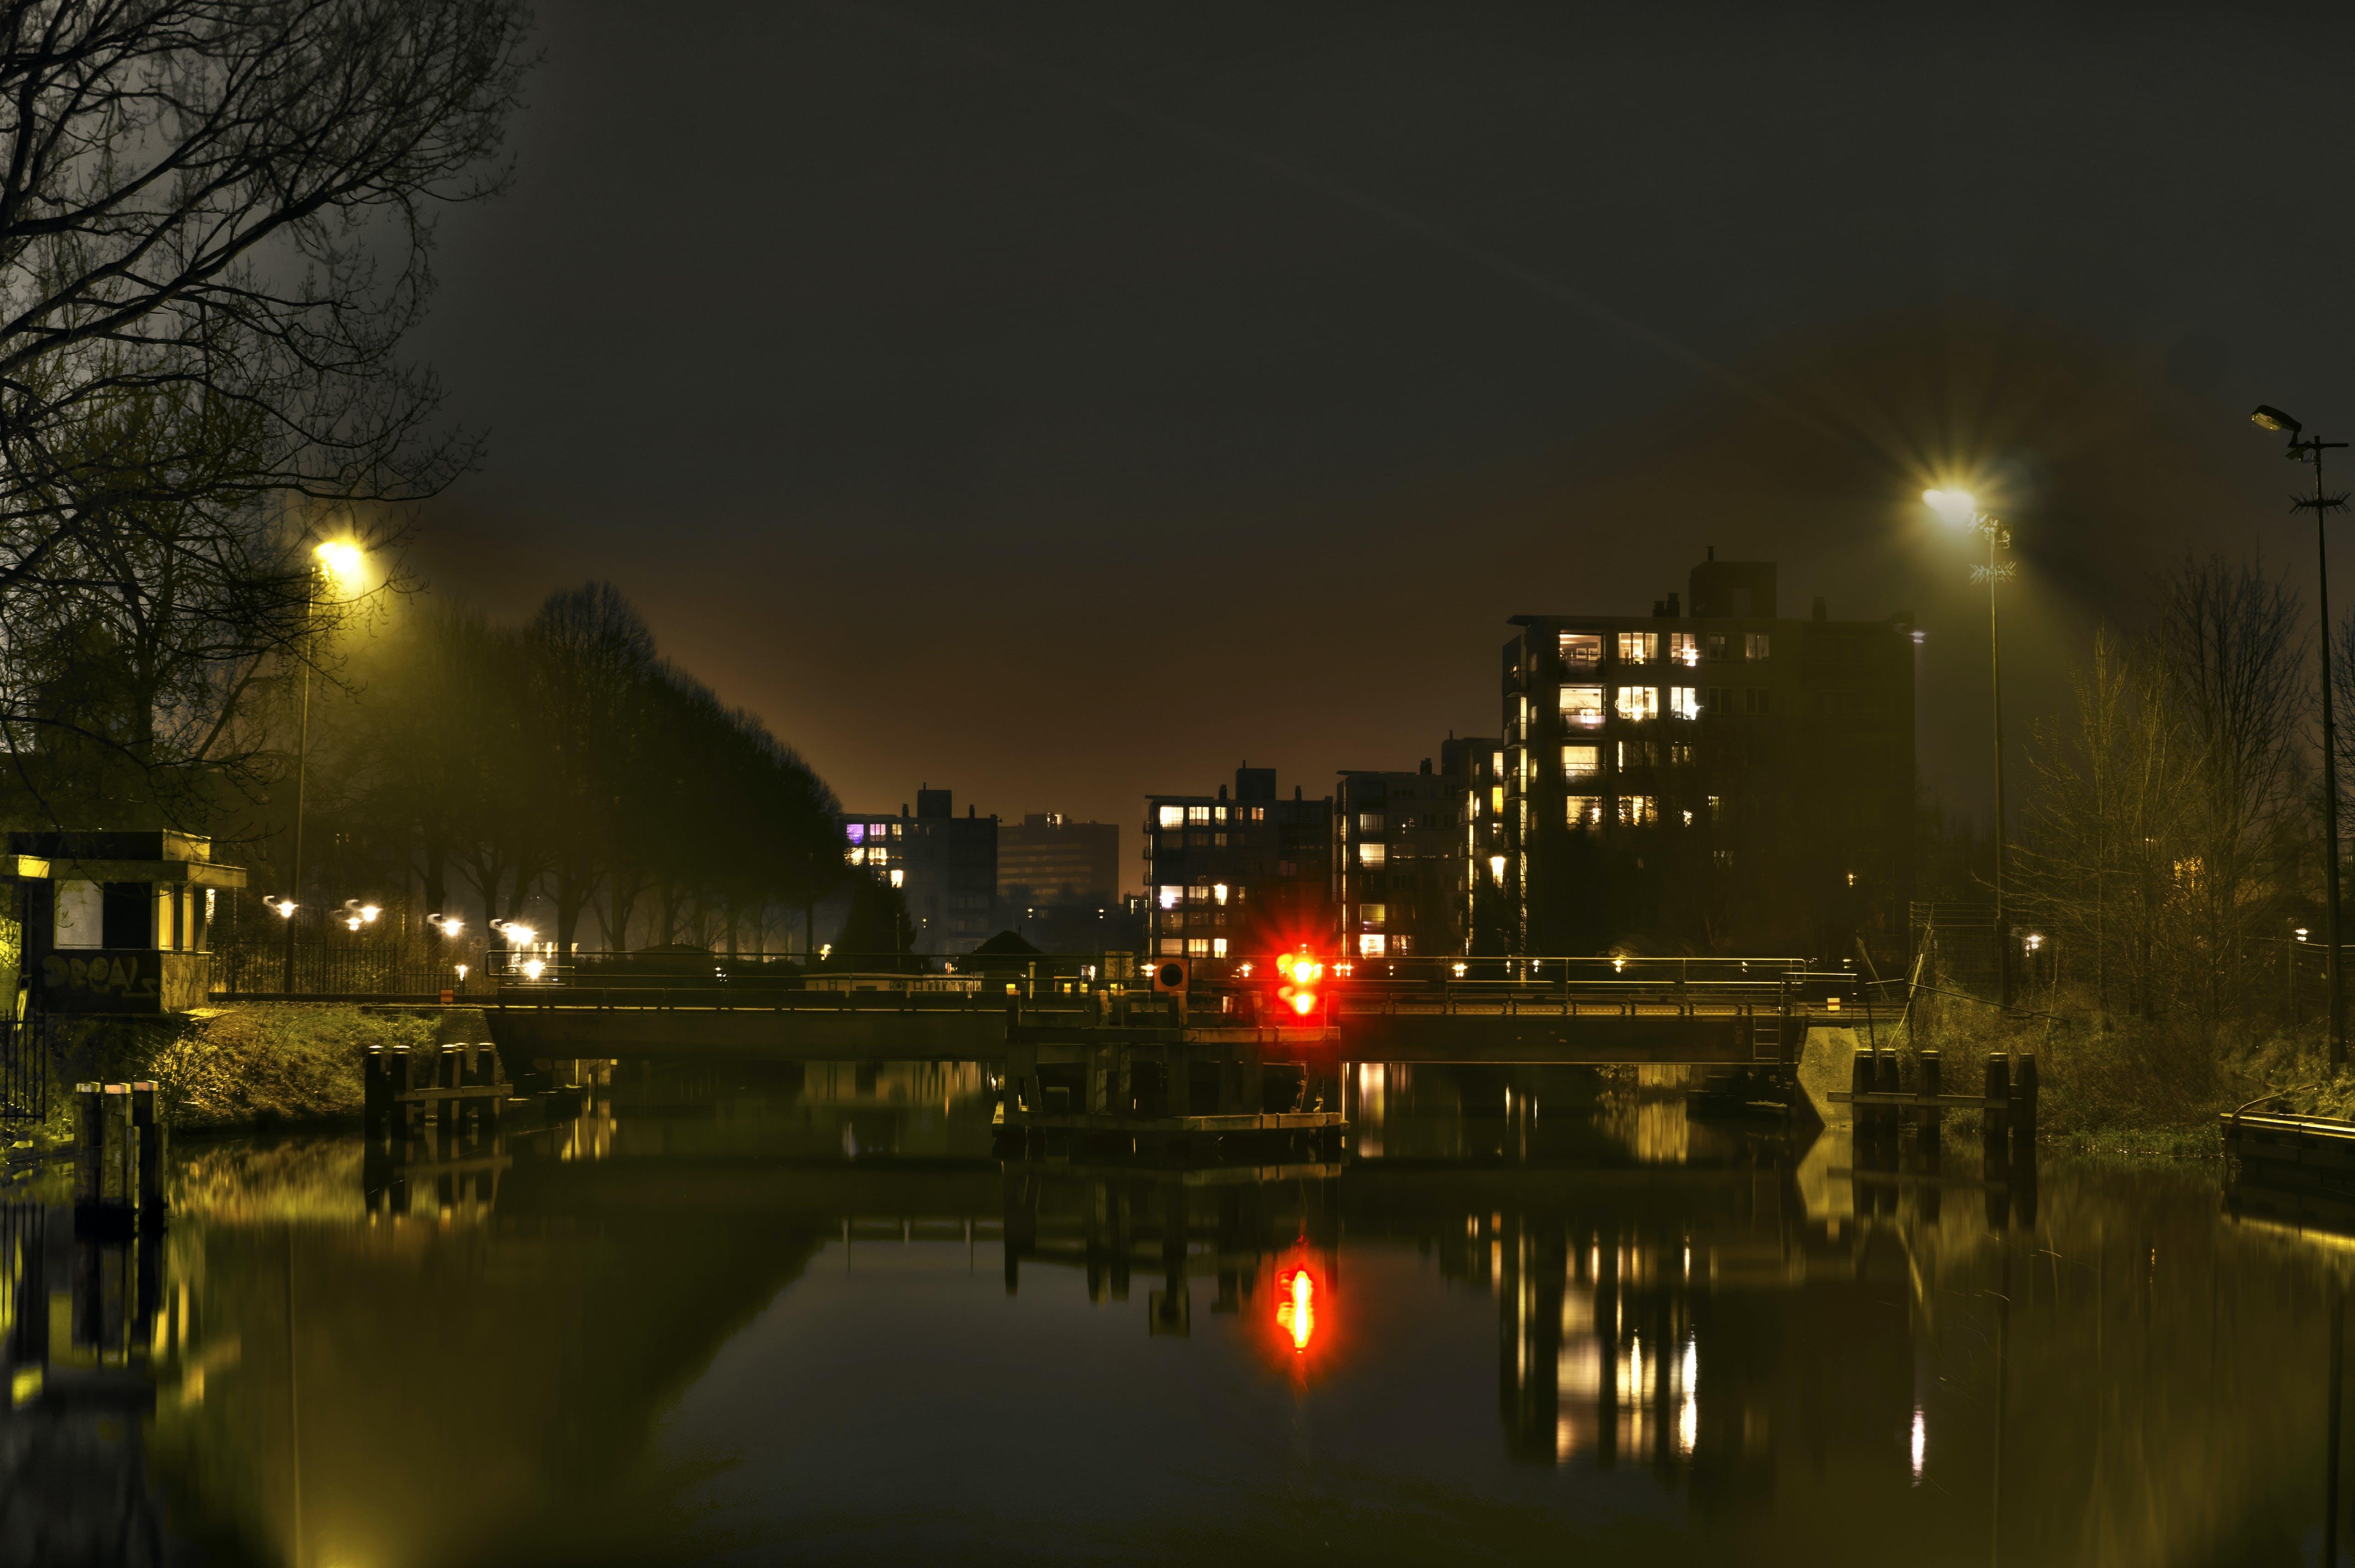 Kostenloses Stock Foto zu beleuchtung, brücke, gebäude, nacht